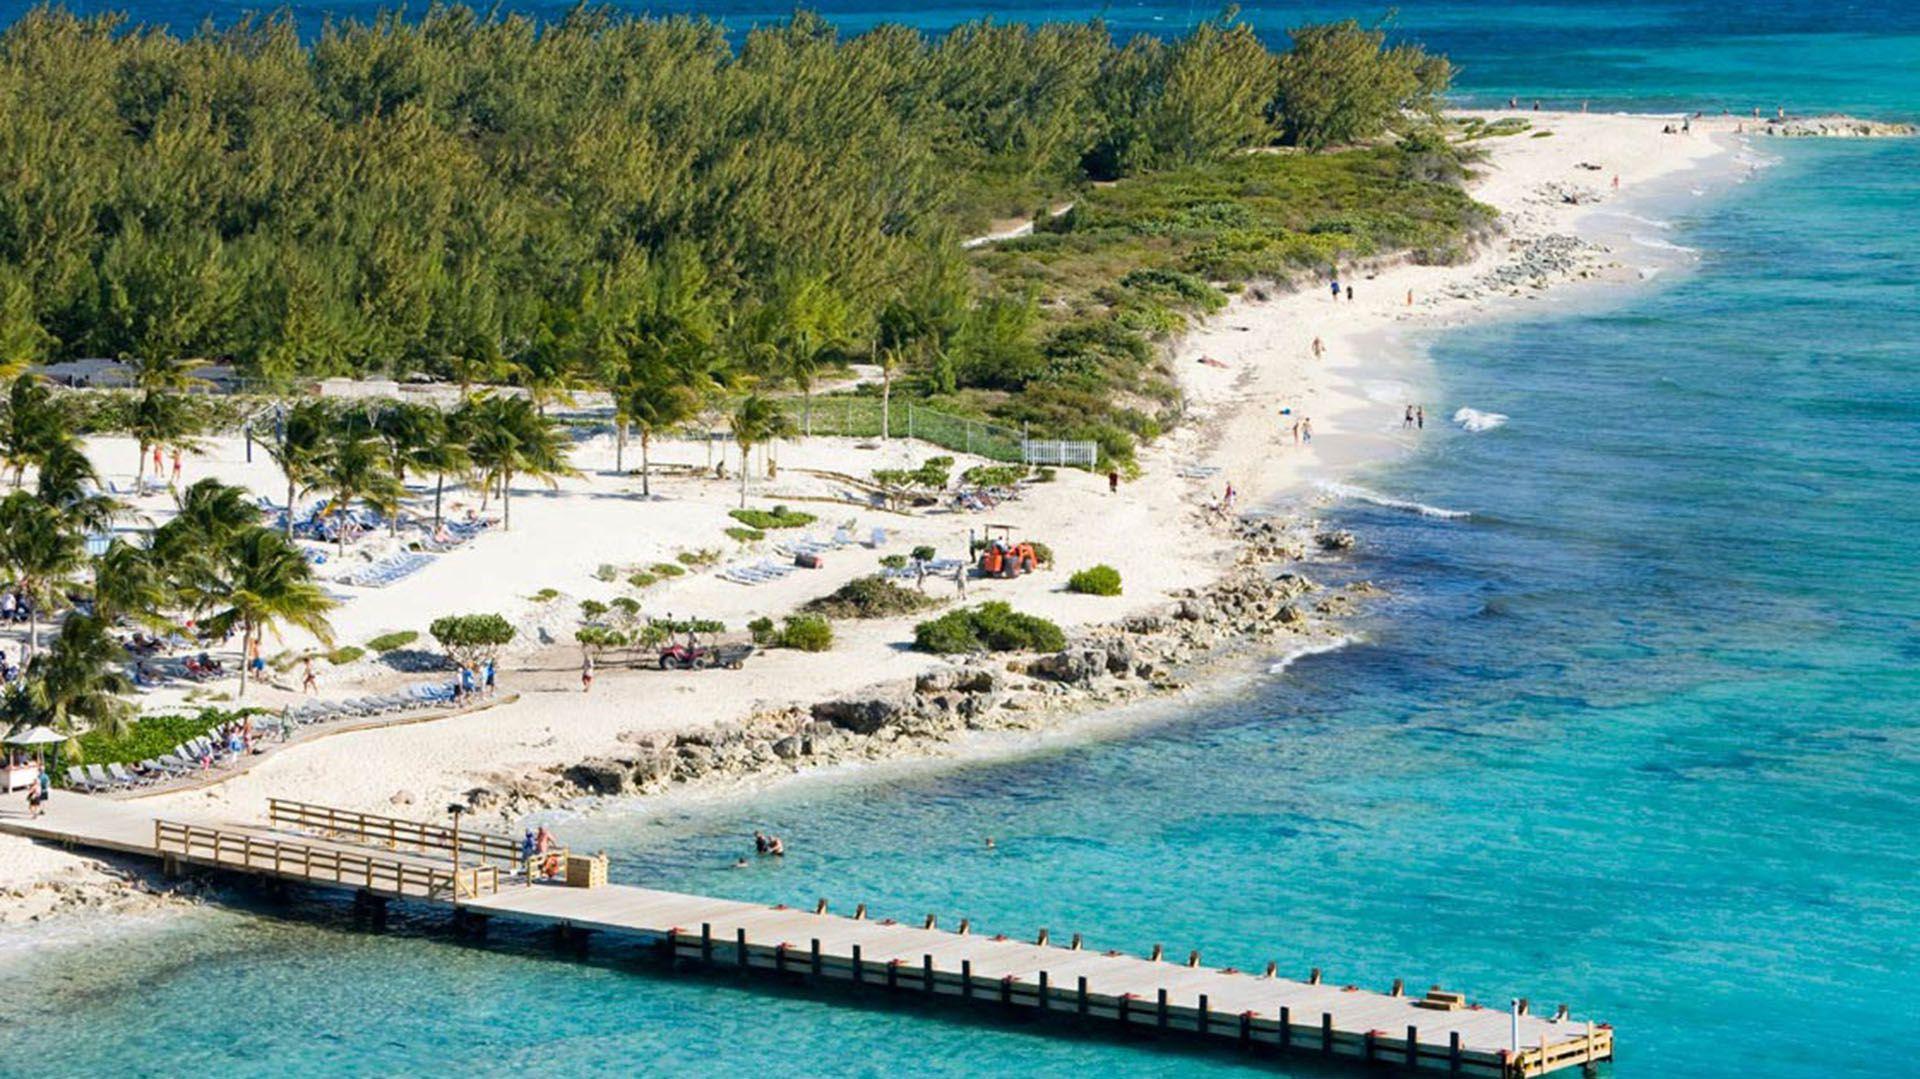 El archipiélago de Turks and Caicos, un paraíso natural y fiscal, en el océano Atlántico.